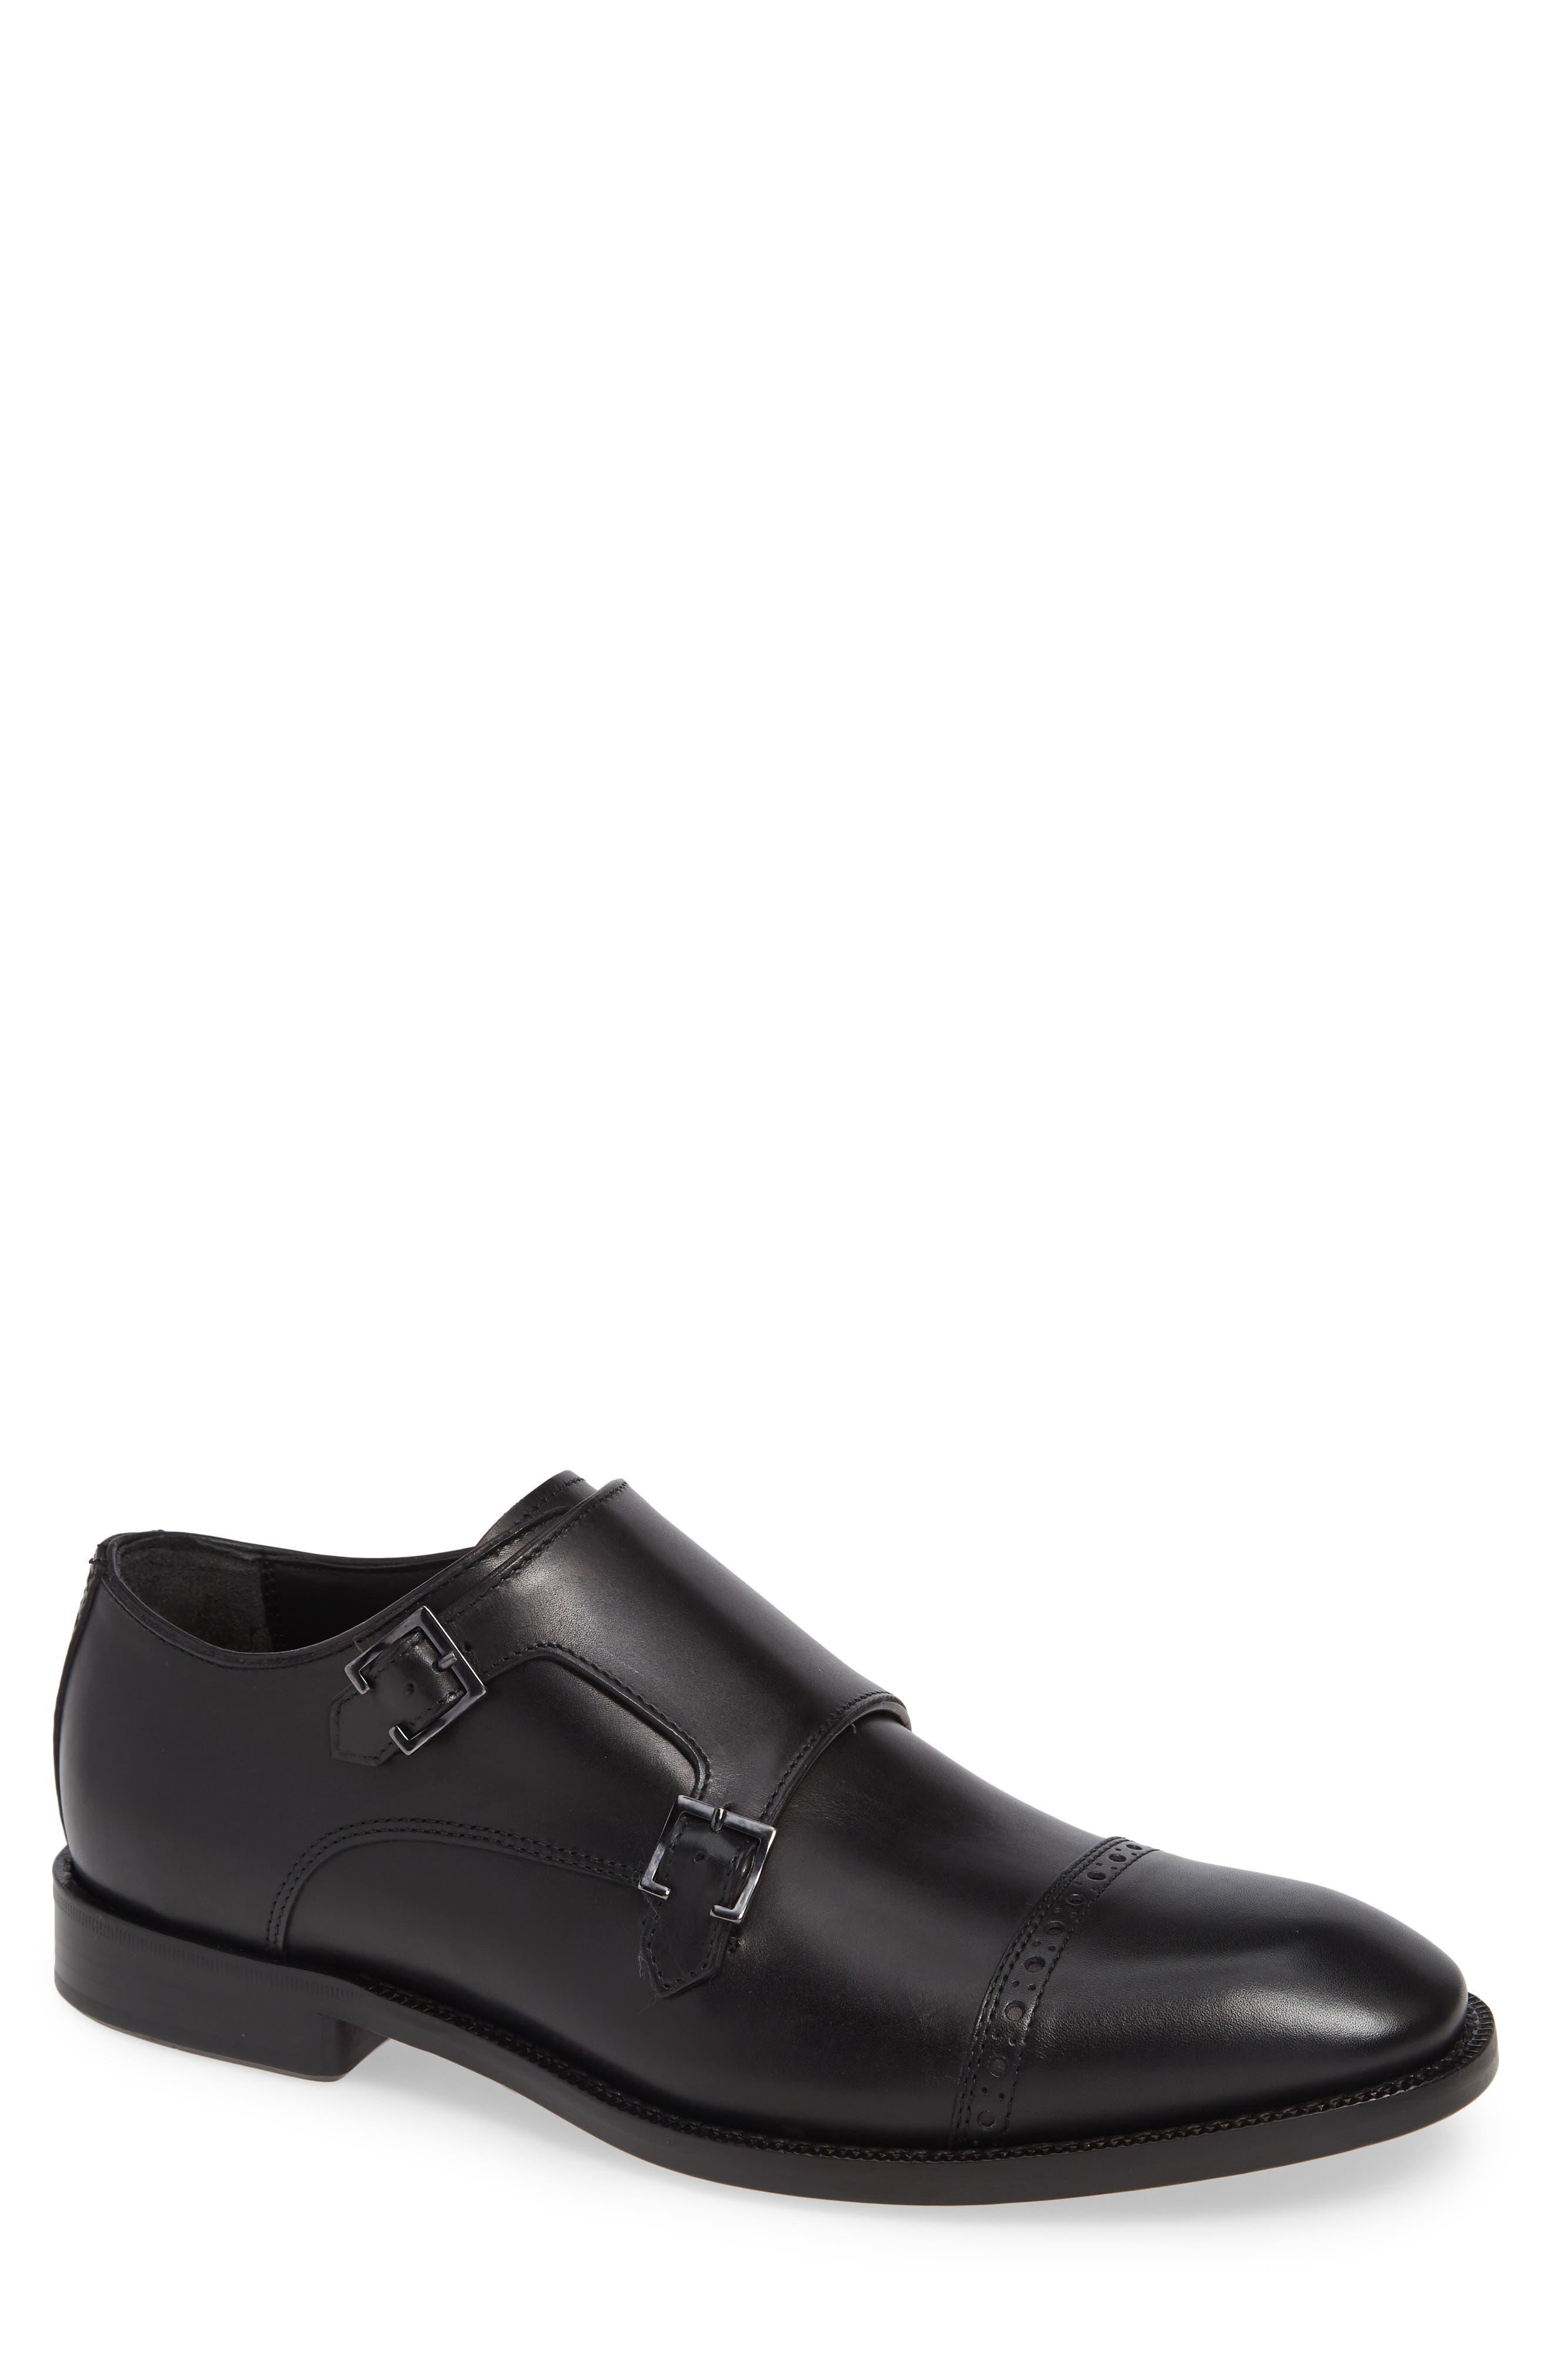 Caravaggio Double Monk Strap Shoe,                             Main thumbnail 1, color,                             BLACK LEATHER